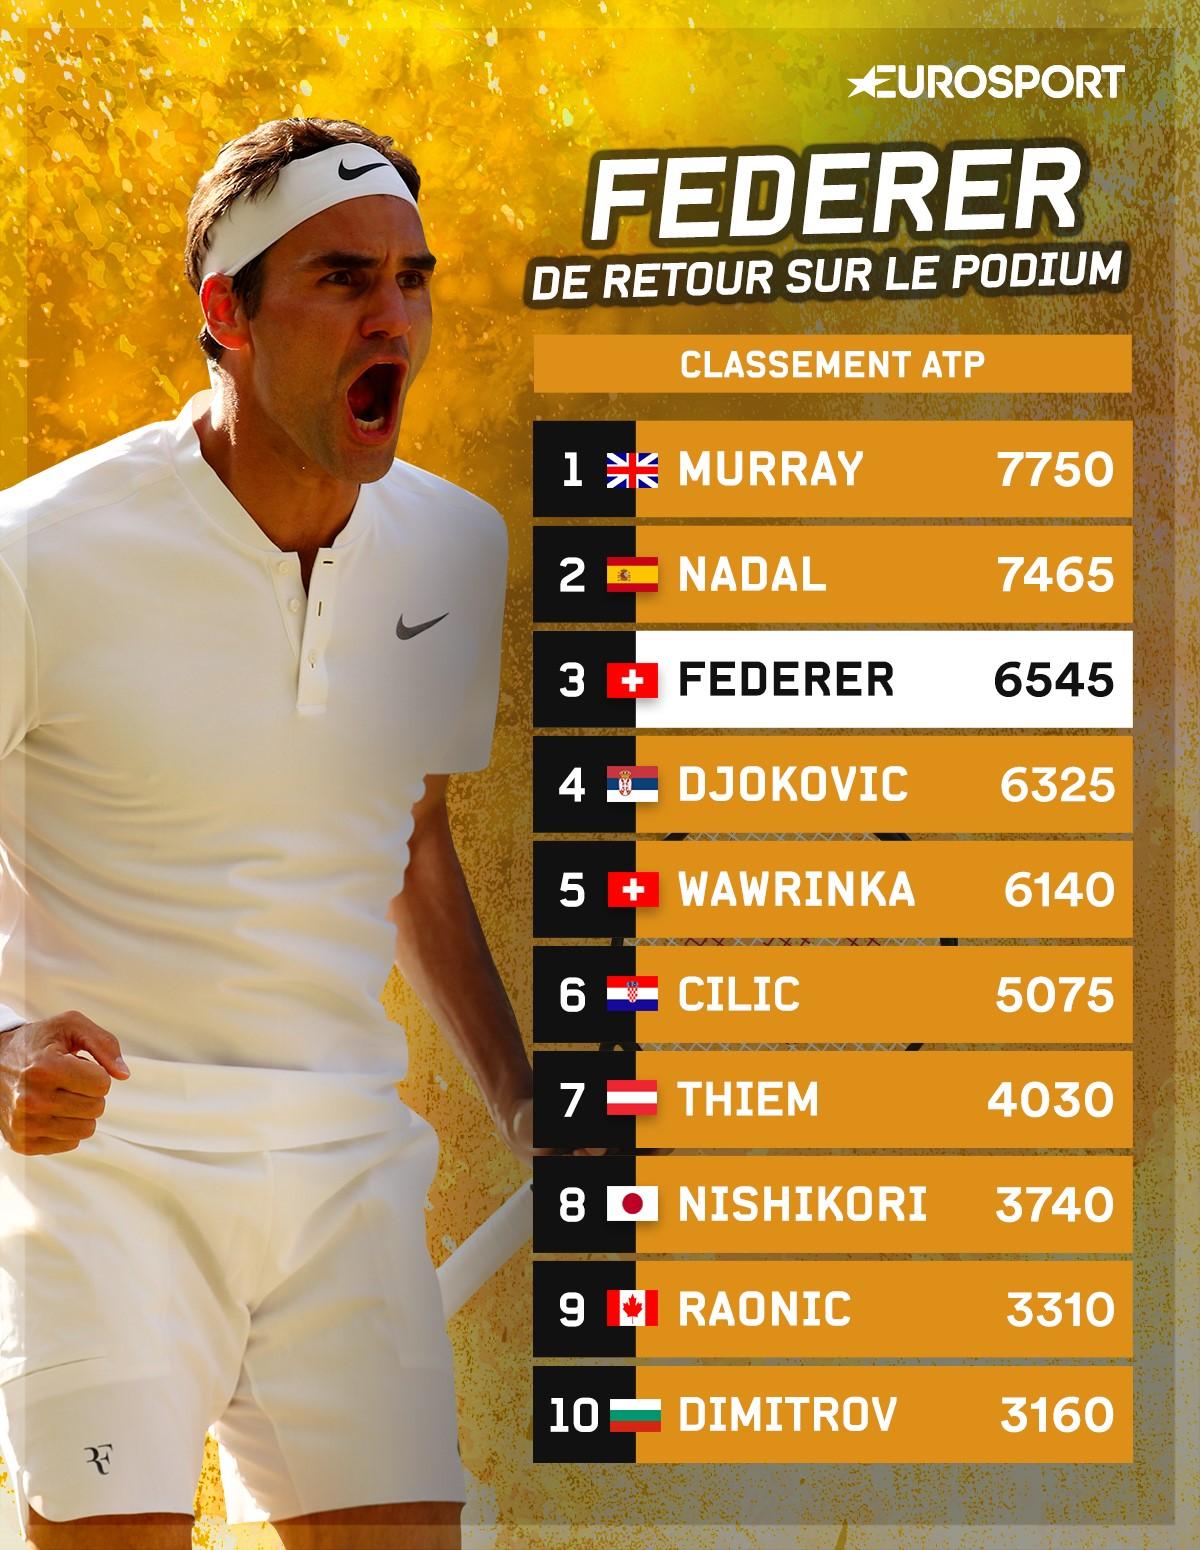 Le Top 10 de l'ATP au 17 juillet 2017